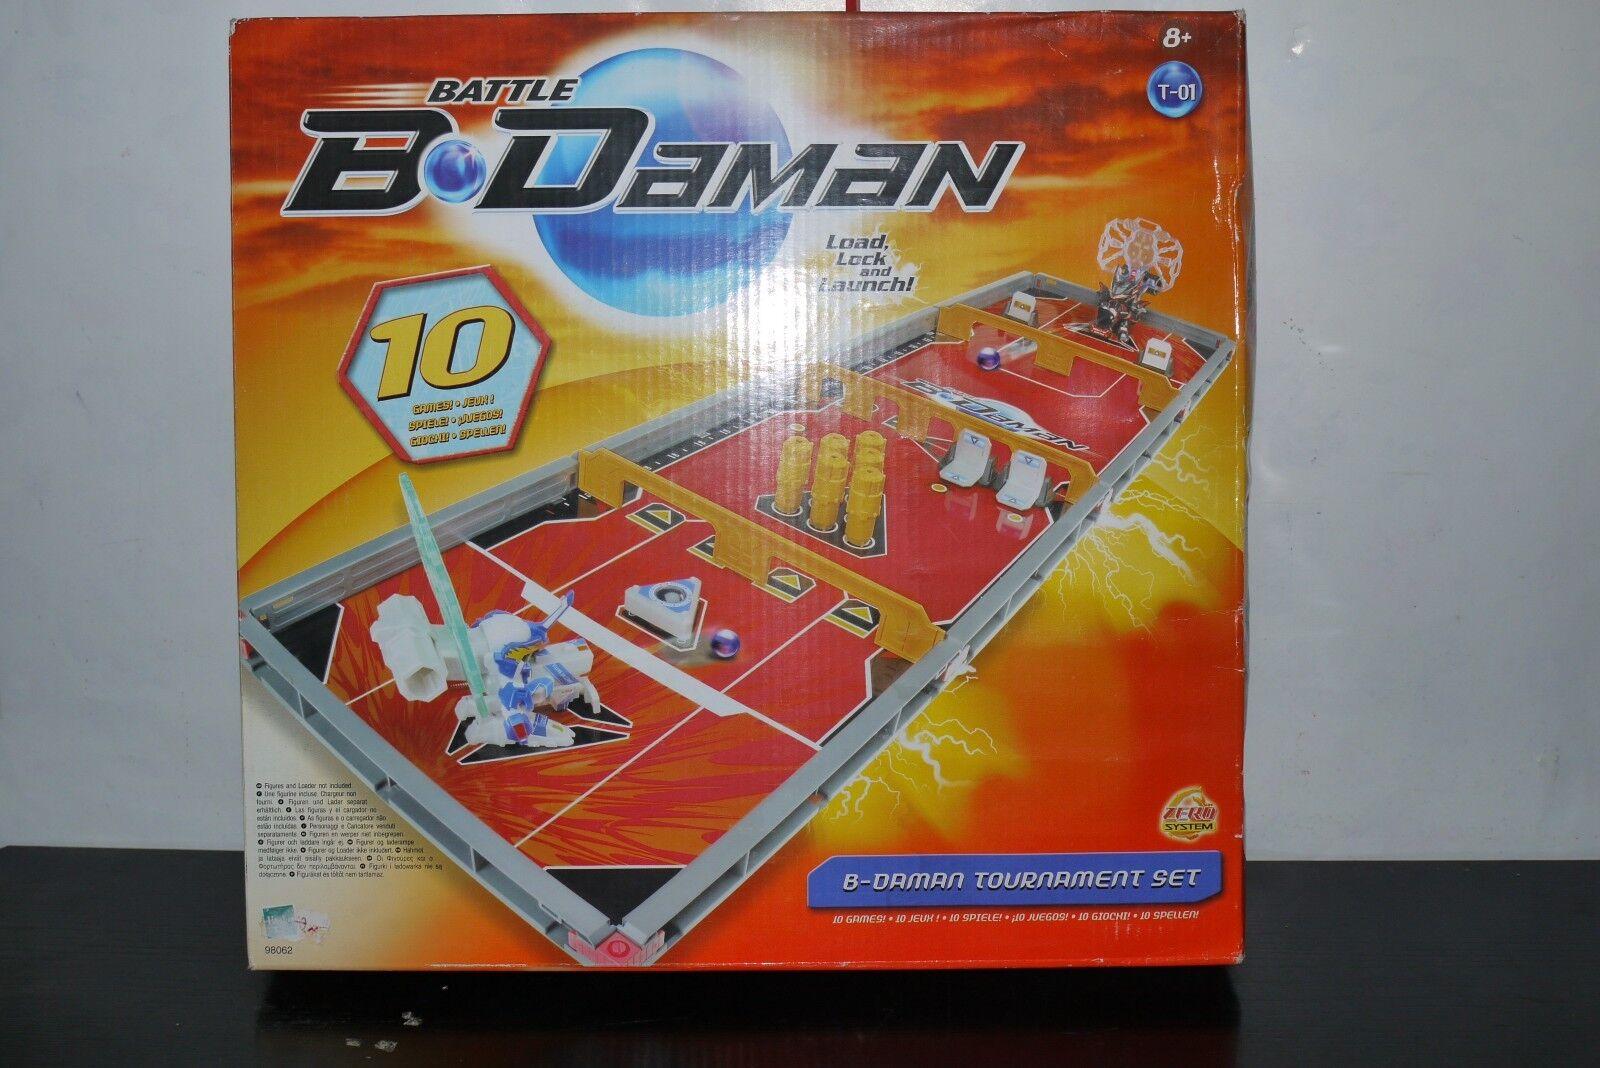 Battle B DAMAN 10 juego Family torneo conjunto HASBRO 2005 98062 Menta en caja